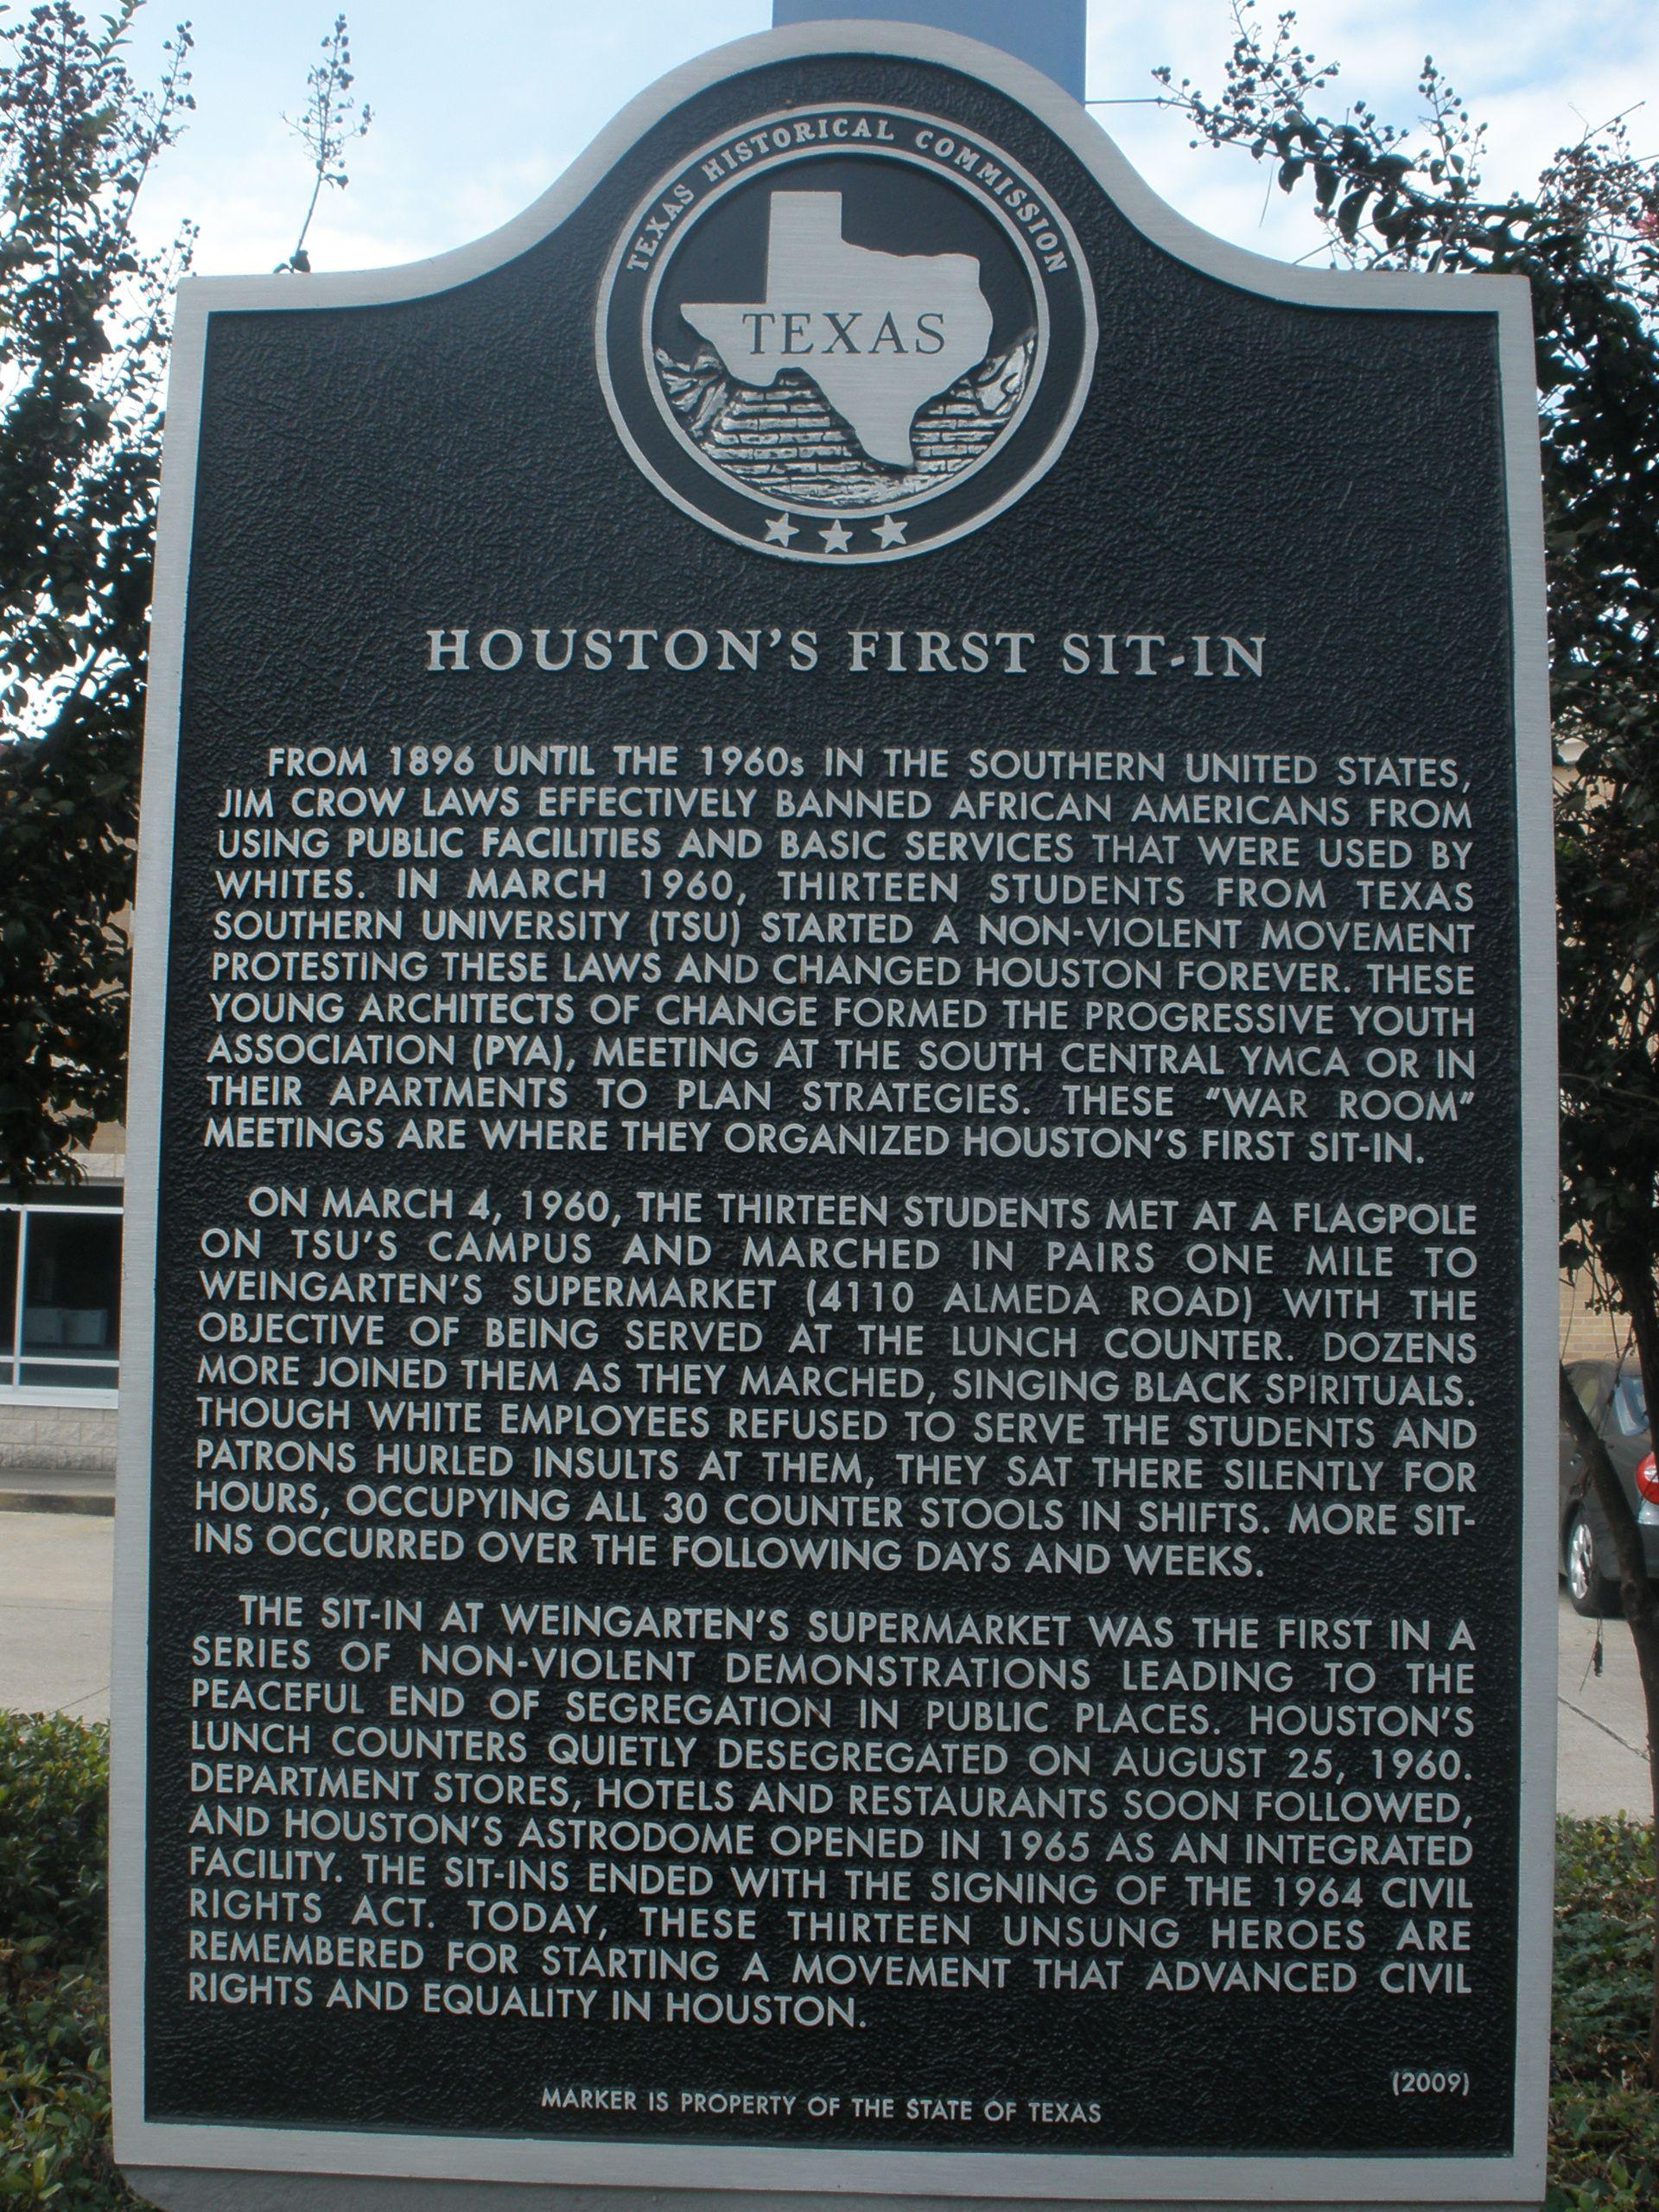 texas health harris methodist hospital fort worth tx